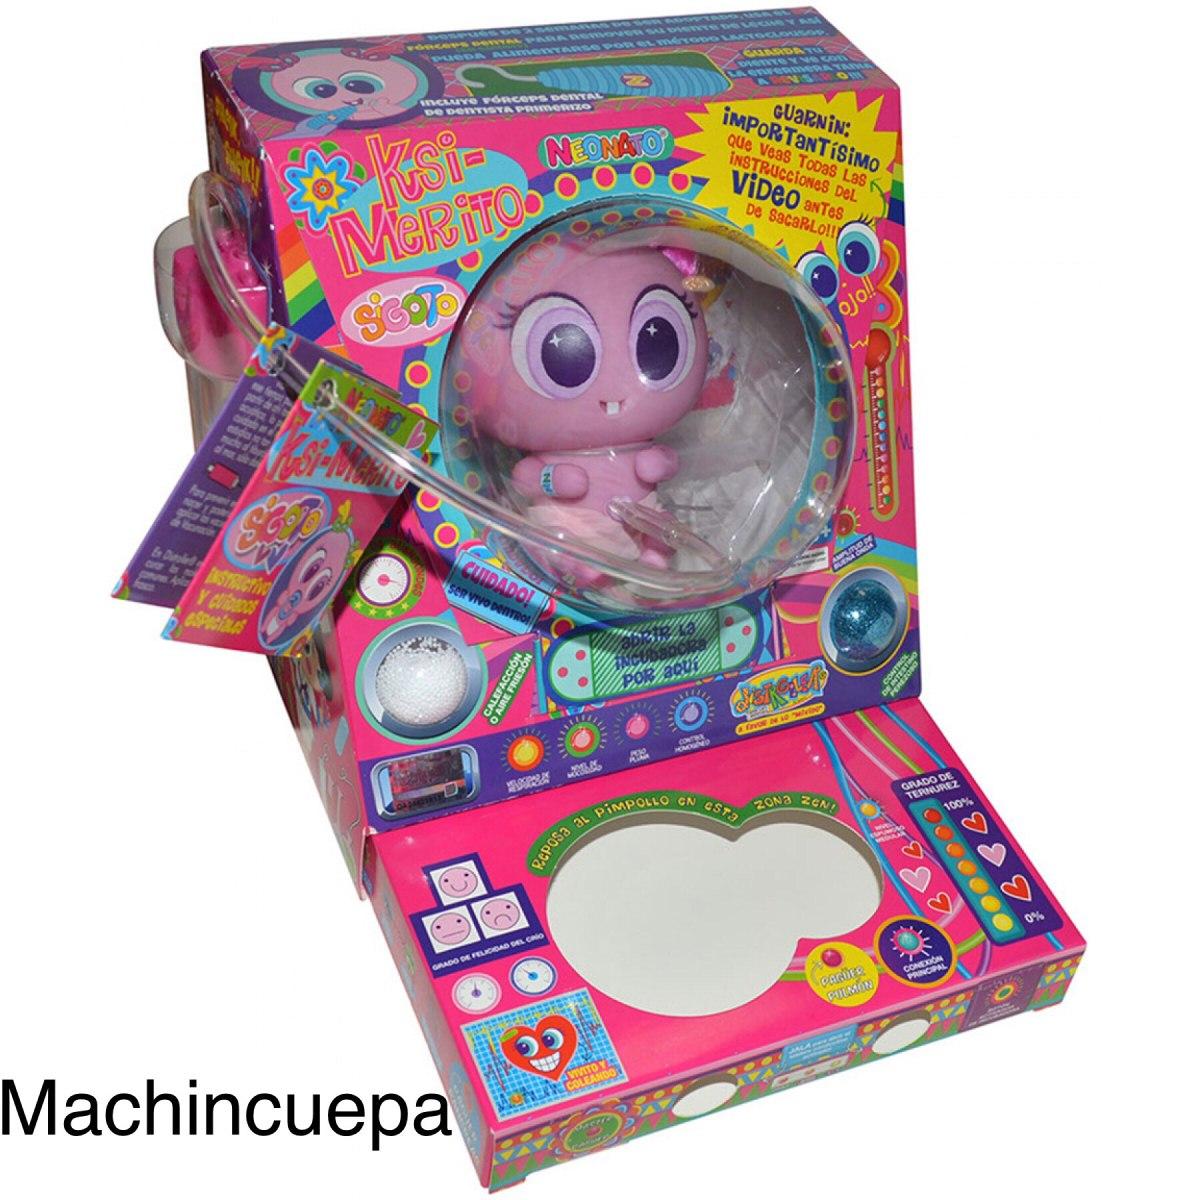 Ksi merito original distroller casimeritos juguetes nuevos - Figuras de lladro precios ...